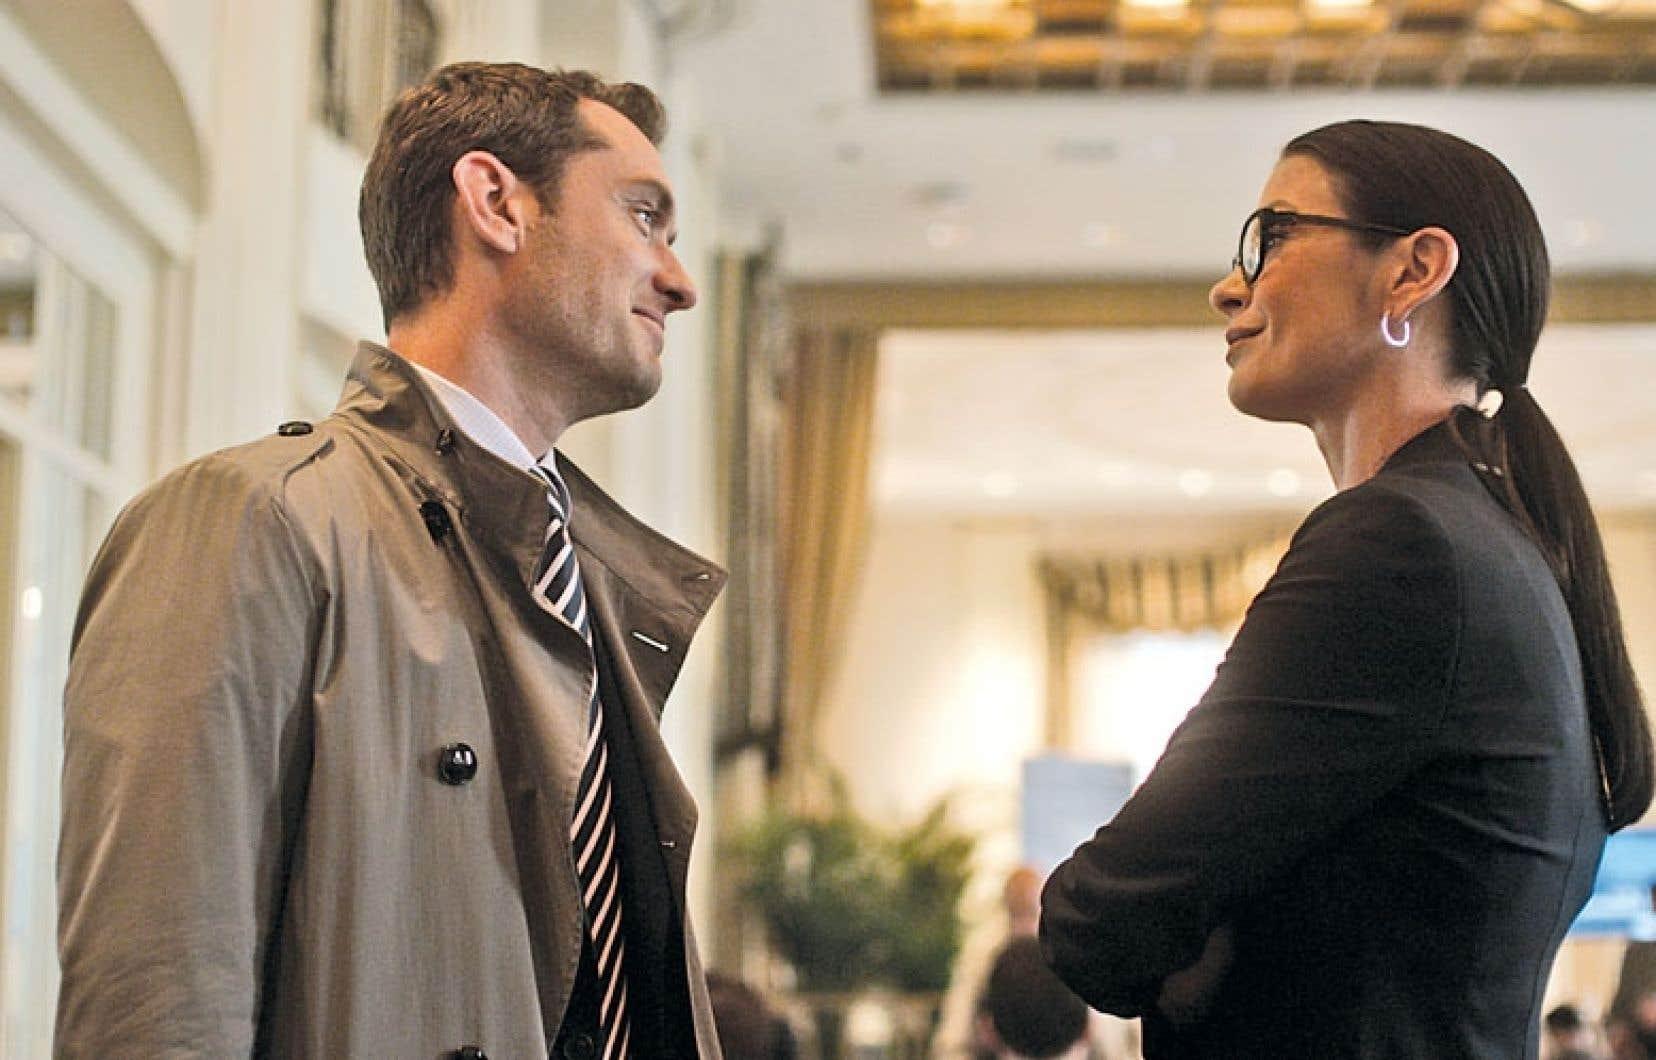 Jude Law en justicier solitaire doublé d'un homme traqué et Catherine Zeta-Jones, son ex-associée.